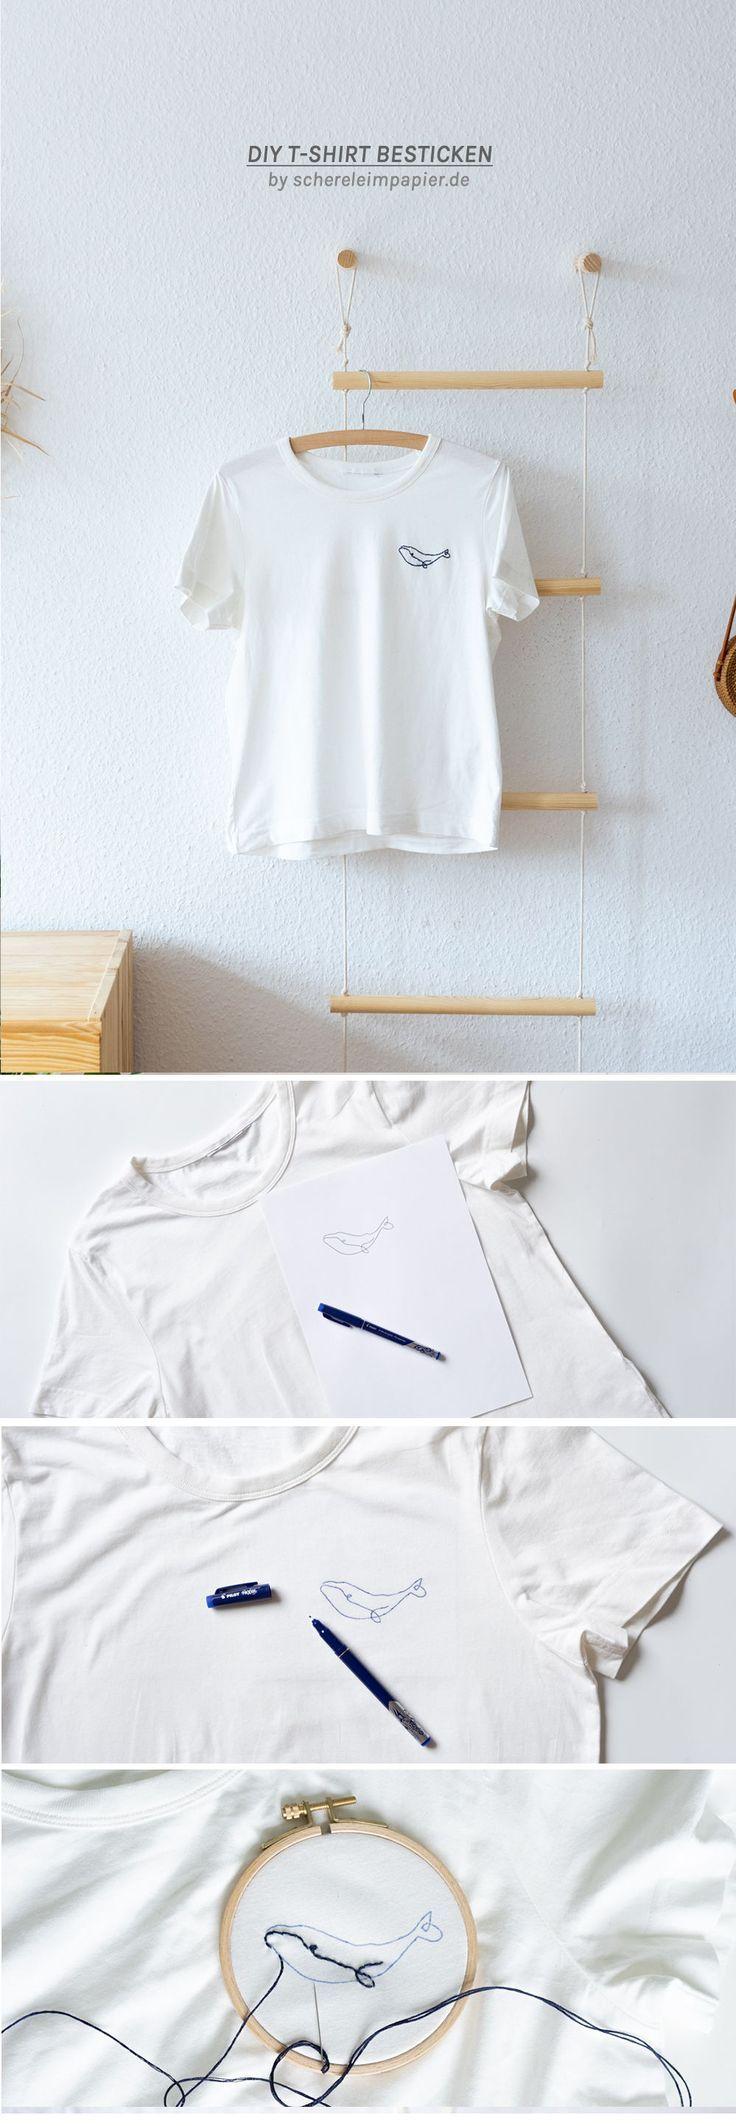 Stickerei: So einfach kann ein einfaches T-Shirt mit sommerlichem Motiv sein …   – DIY Inspirationen